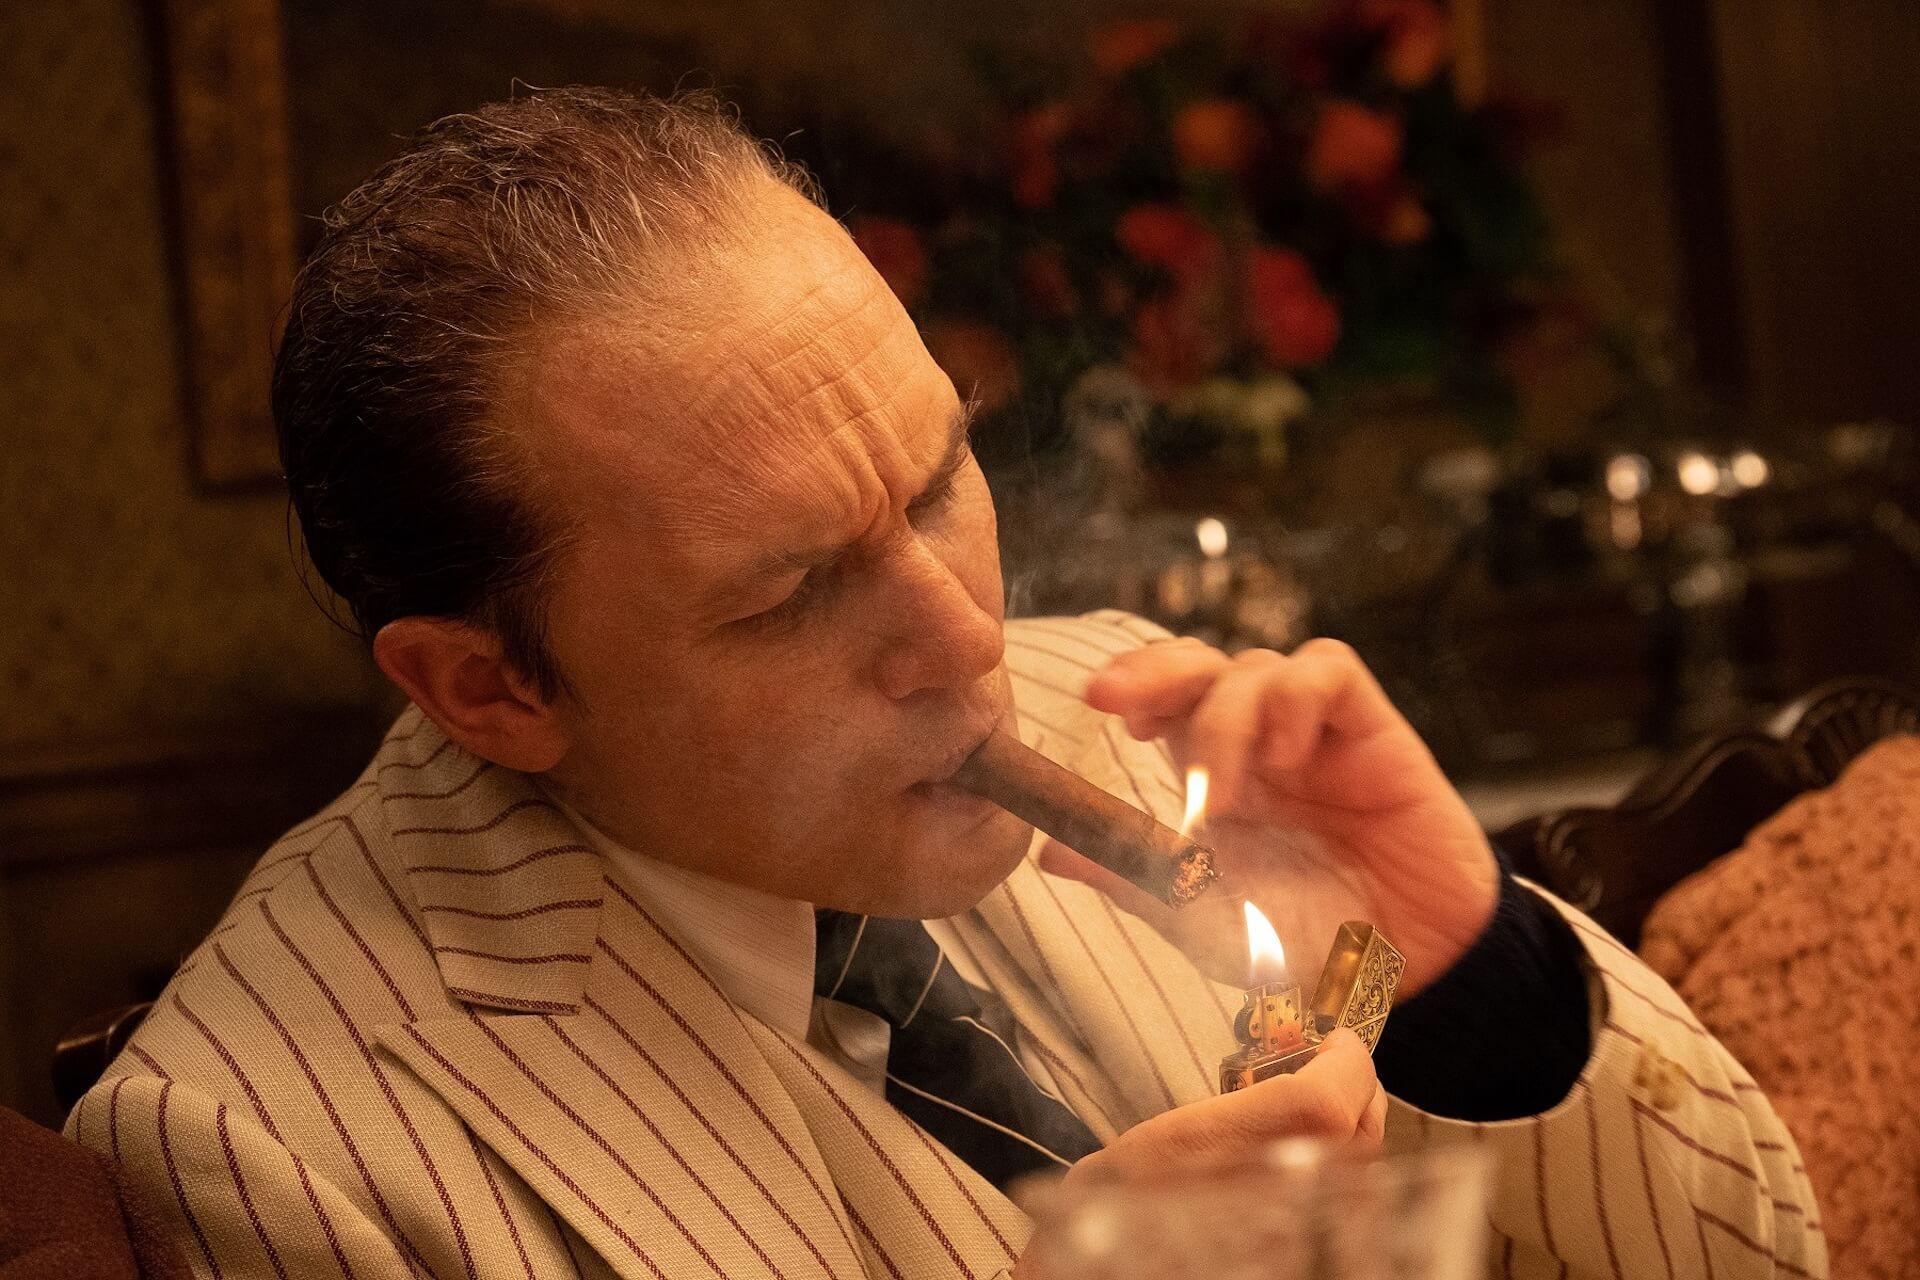 晩年のアル・カポネを演じるトム・ハーディの魅力に迫る!『カポネ』の新場面写真&特別エピソードが到着 film210125_capone_8